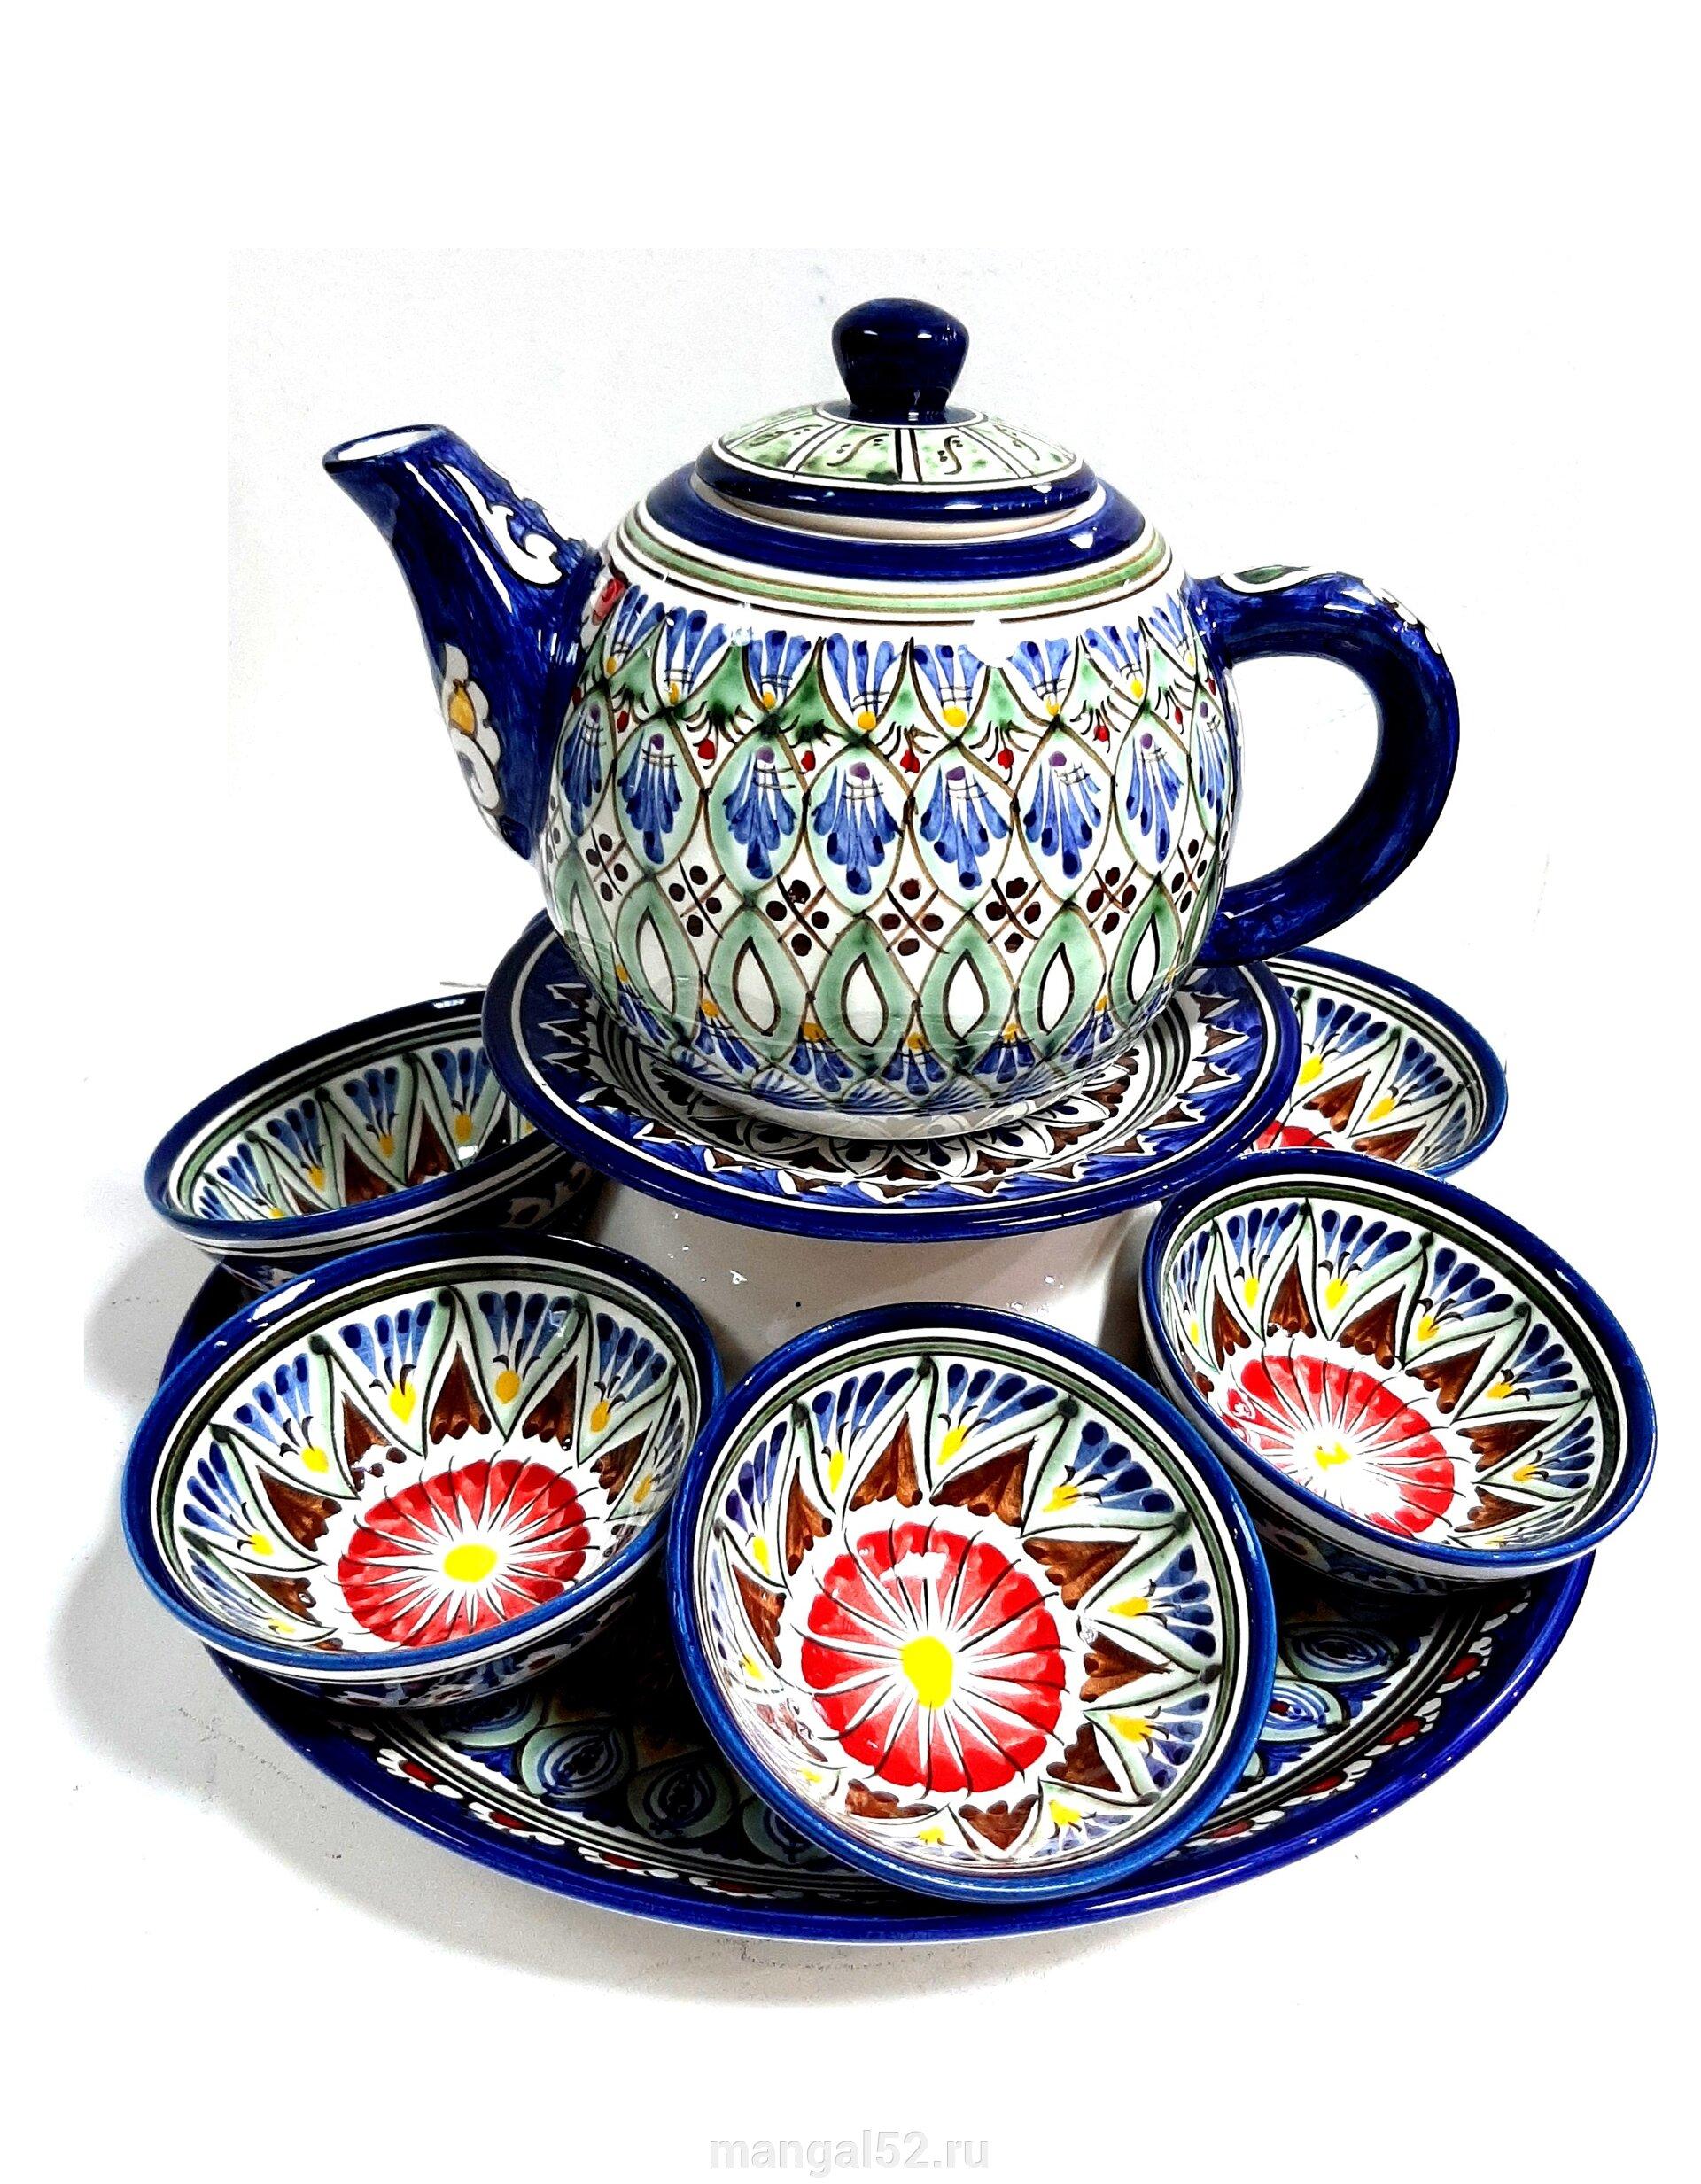 купить фарфоровую посуду, чайный набор